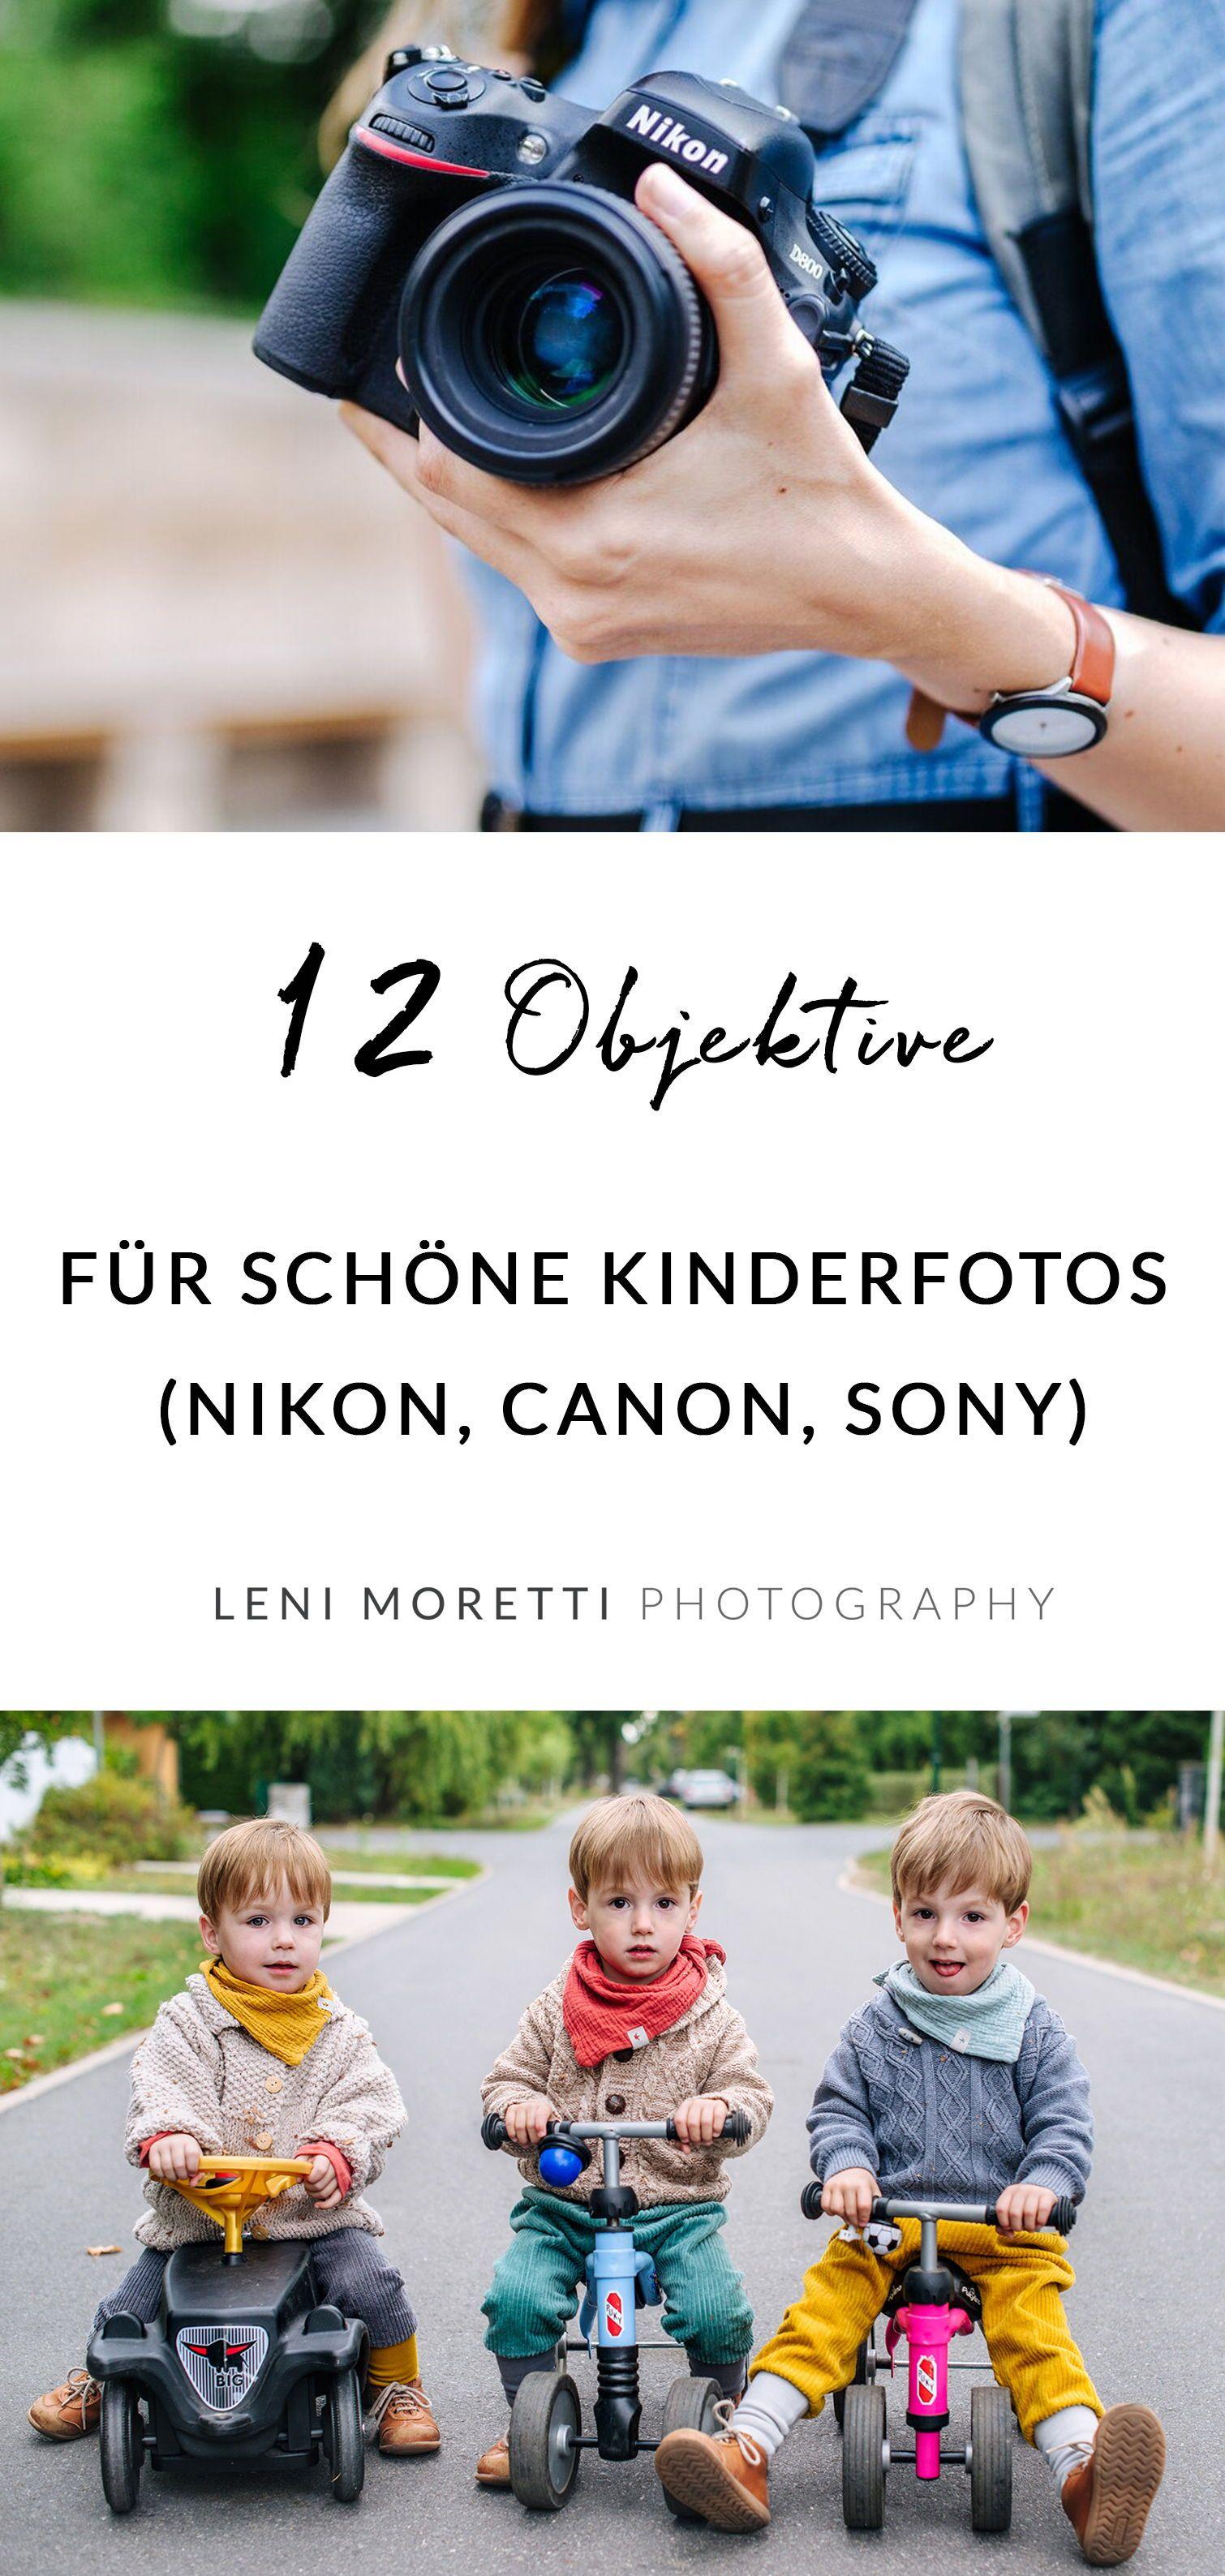 Die 12 Besten Einsteiger Objektive Fur Schone Kinderfotos Kinderfotografie Babyfotografie Berlin Familienfotografie Workshop Fotografie Kurs Fur Anfan Kinderfotos Foto Kinder Kinder Fotografie